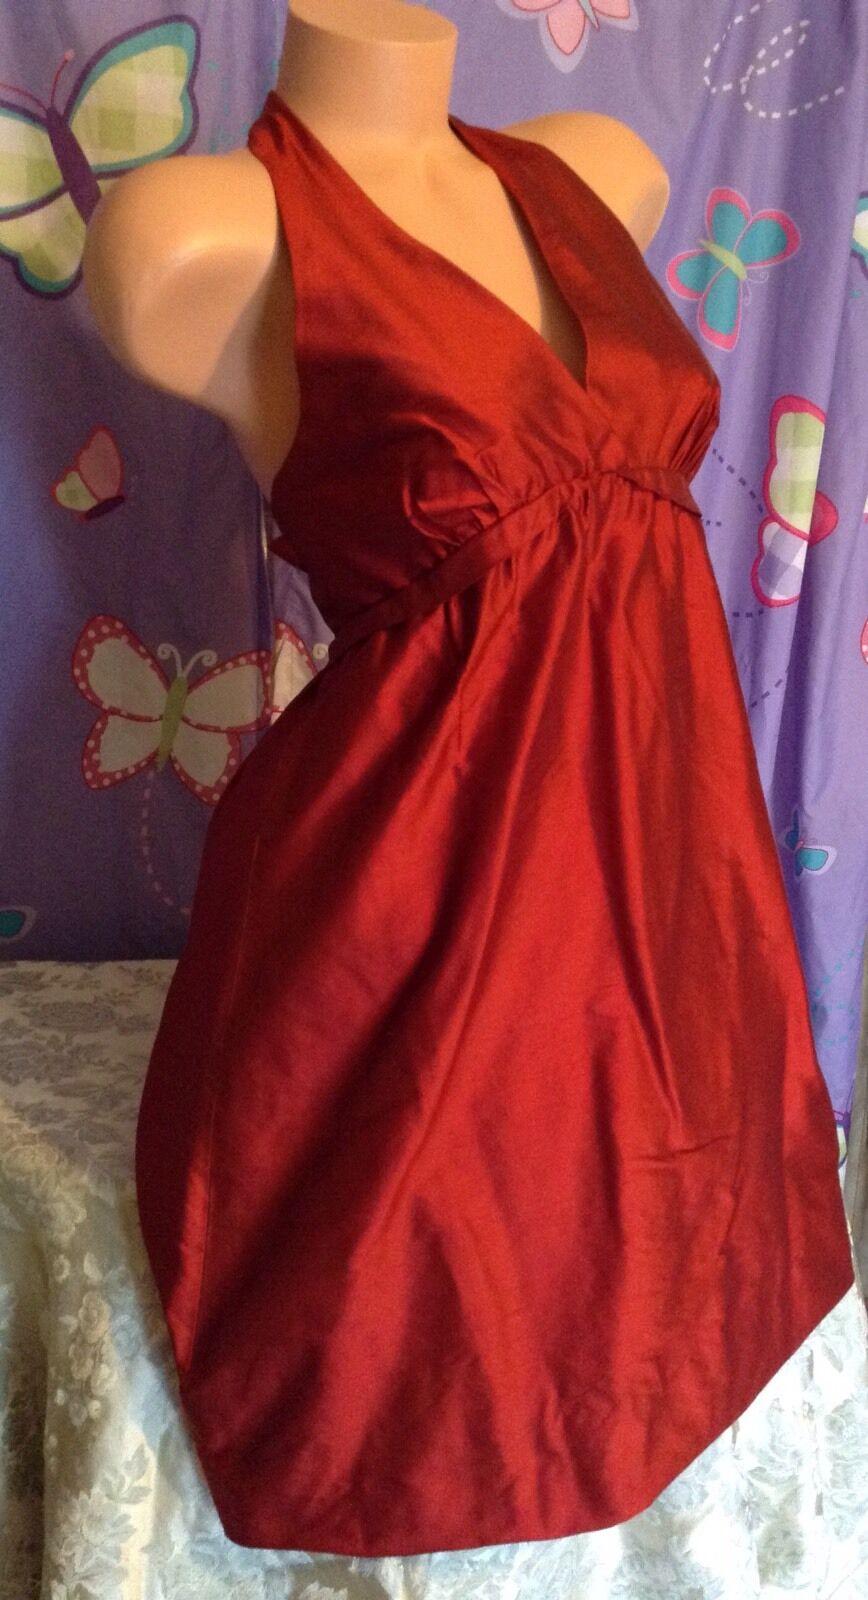 NWT BCBG MAX AZRIA RED HALTER DRESS (3 WAYS TO WEAR), SIZE 6 MSRP